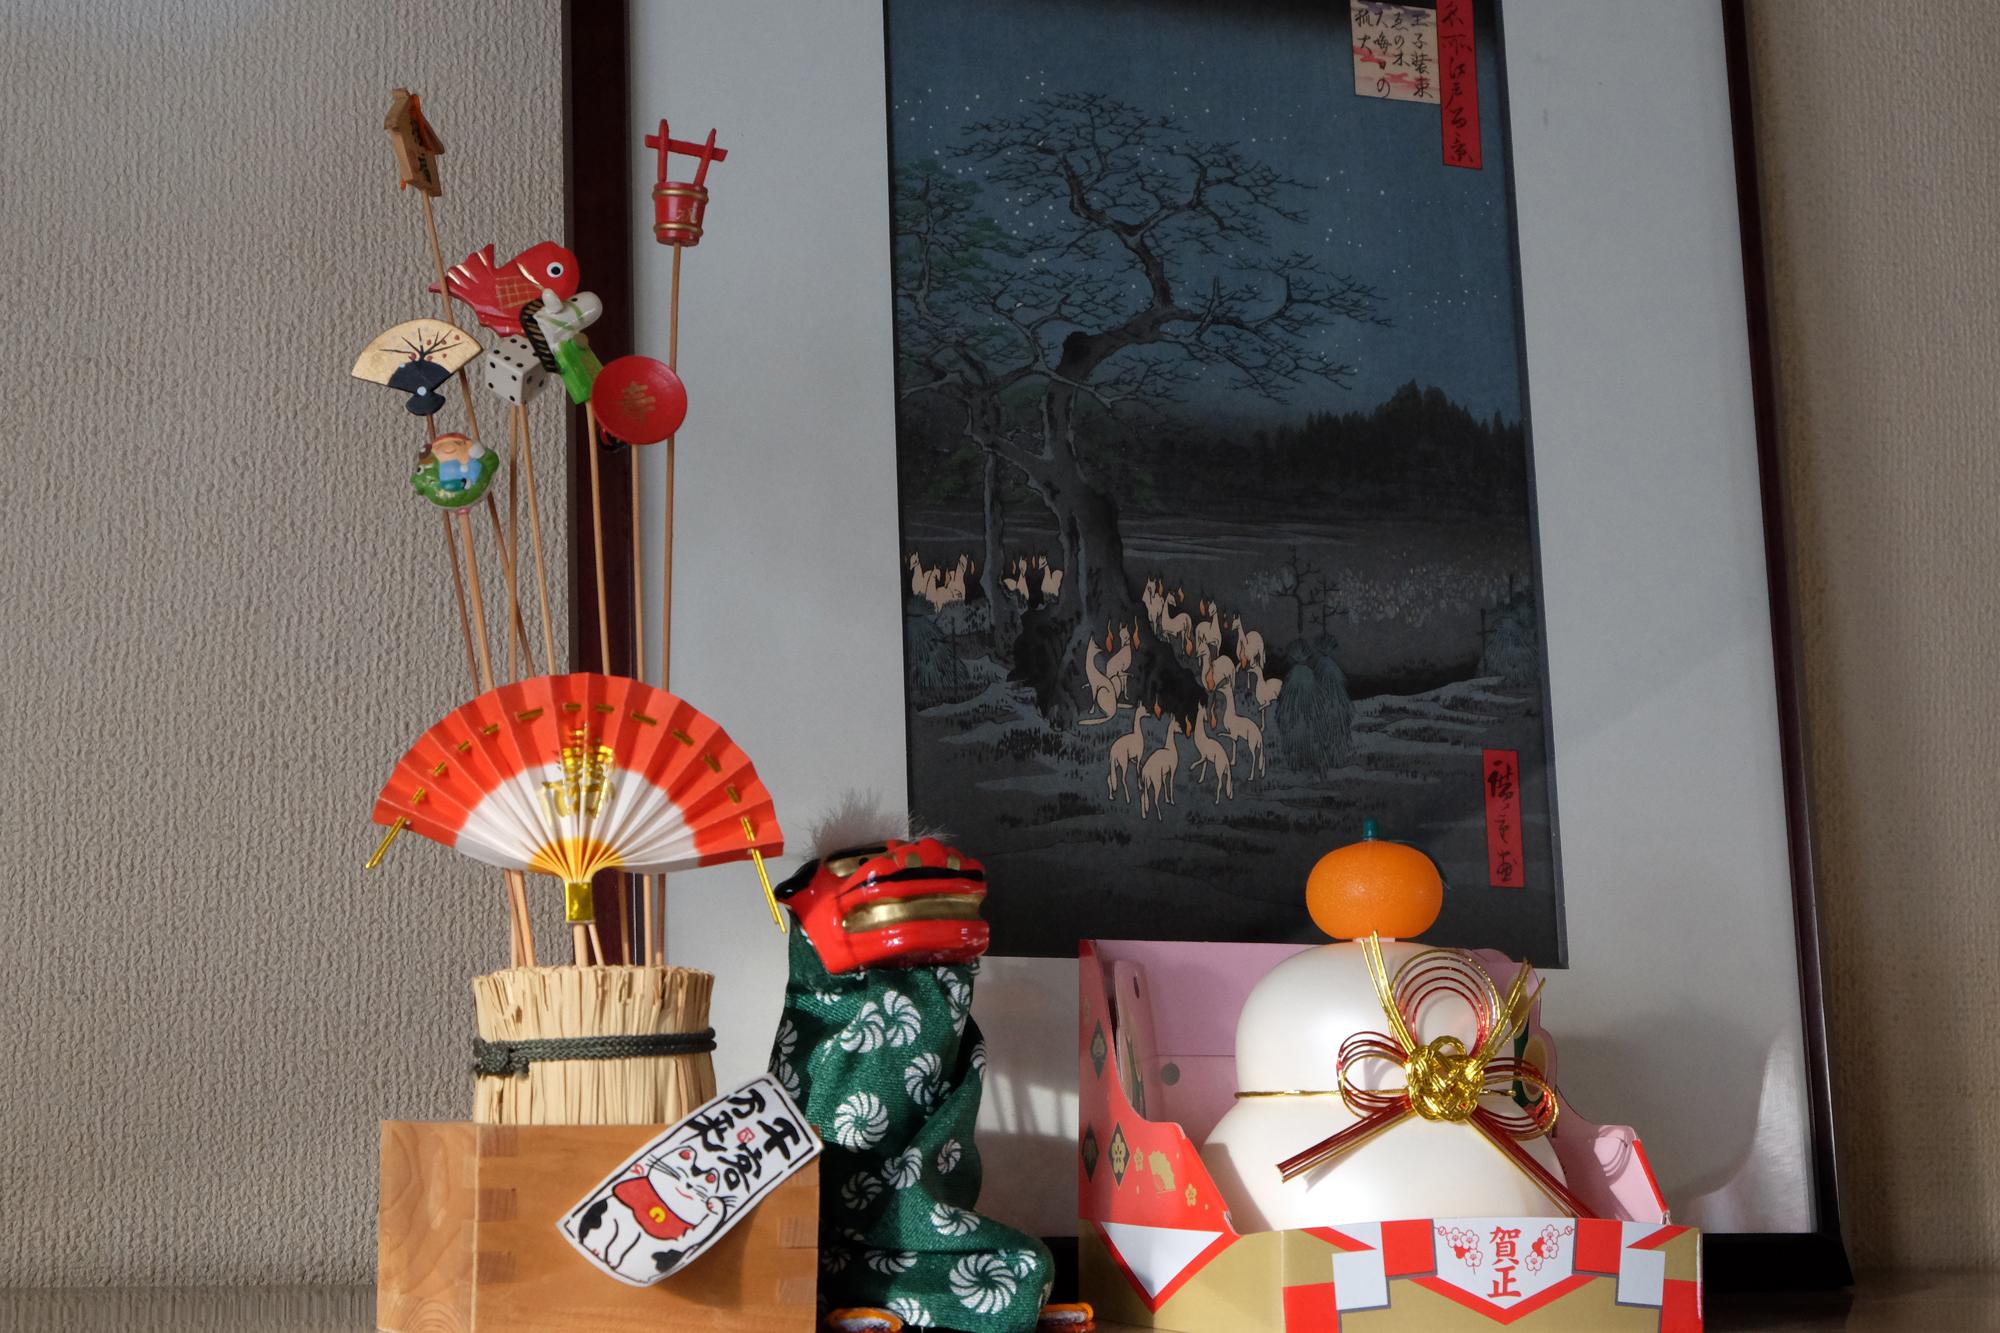 新年のご挨拶…ばんえい競馬へ 北海道十勝